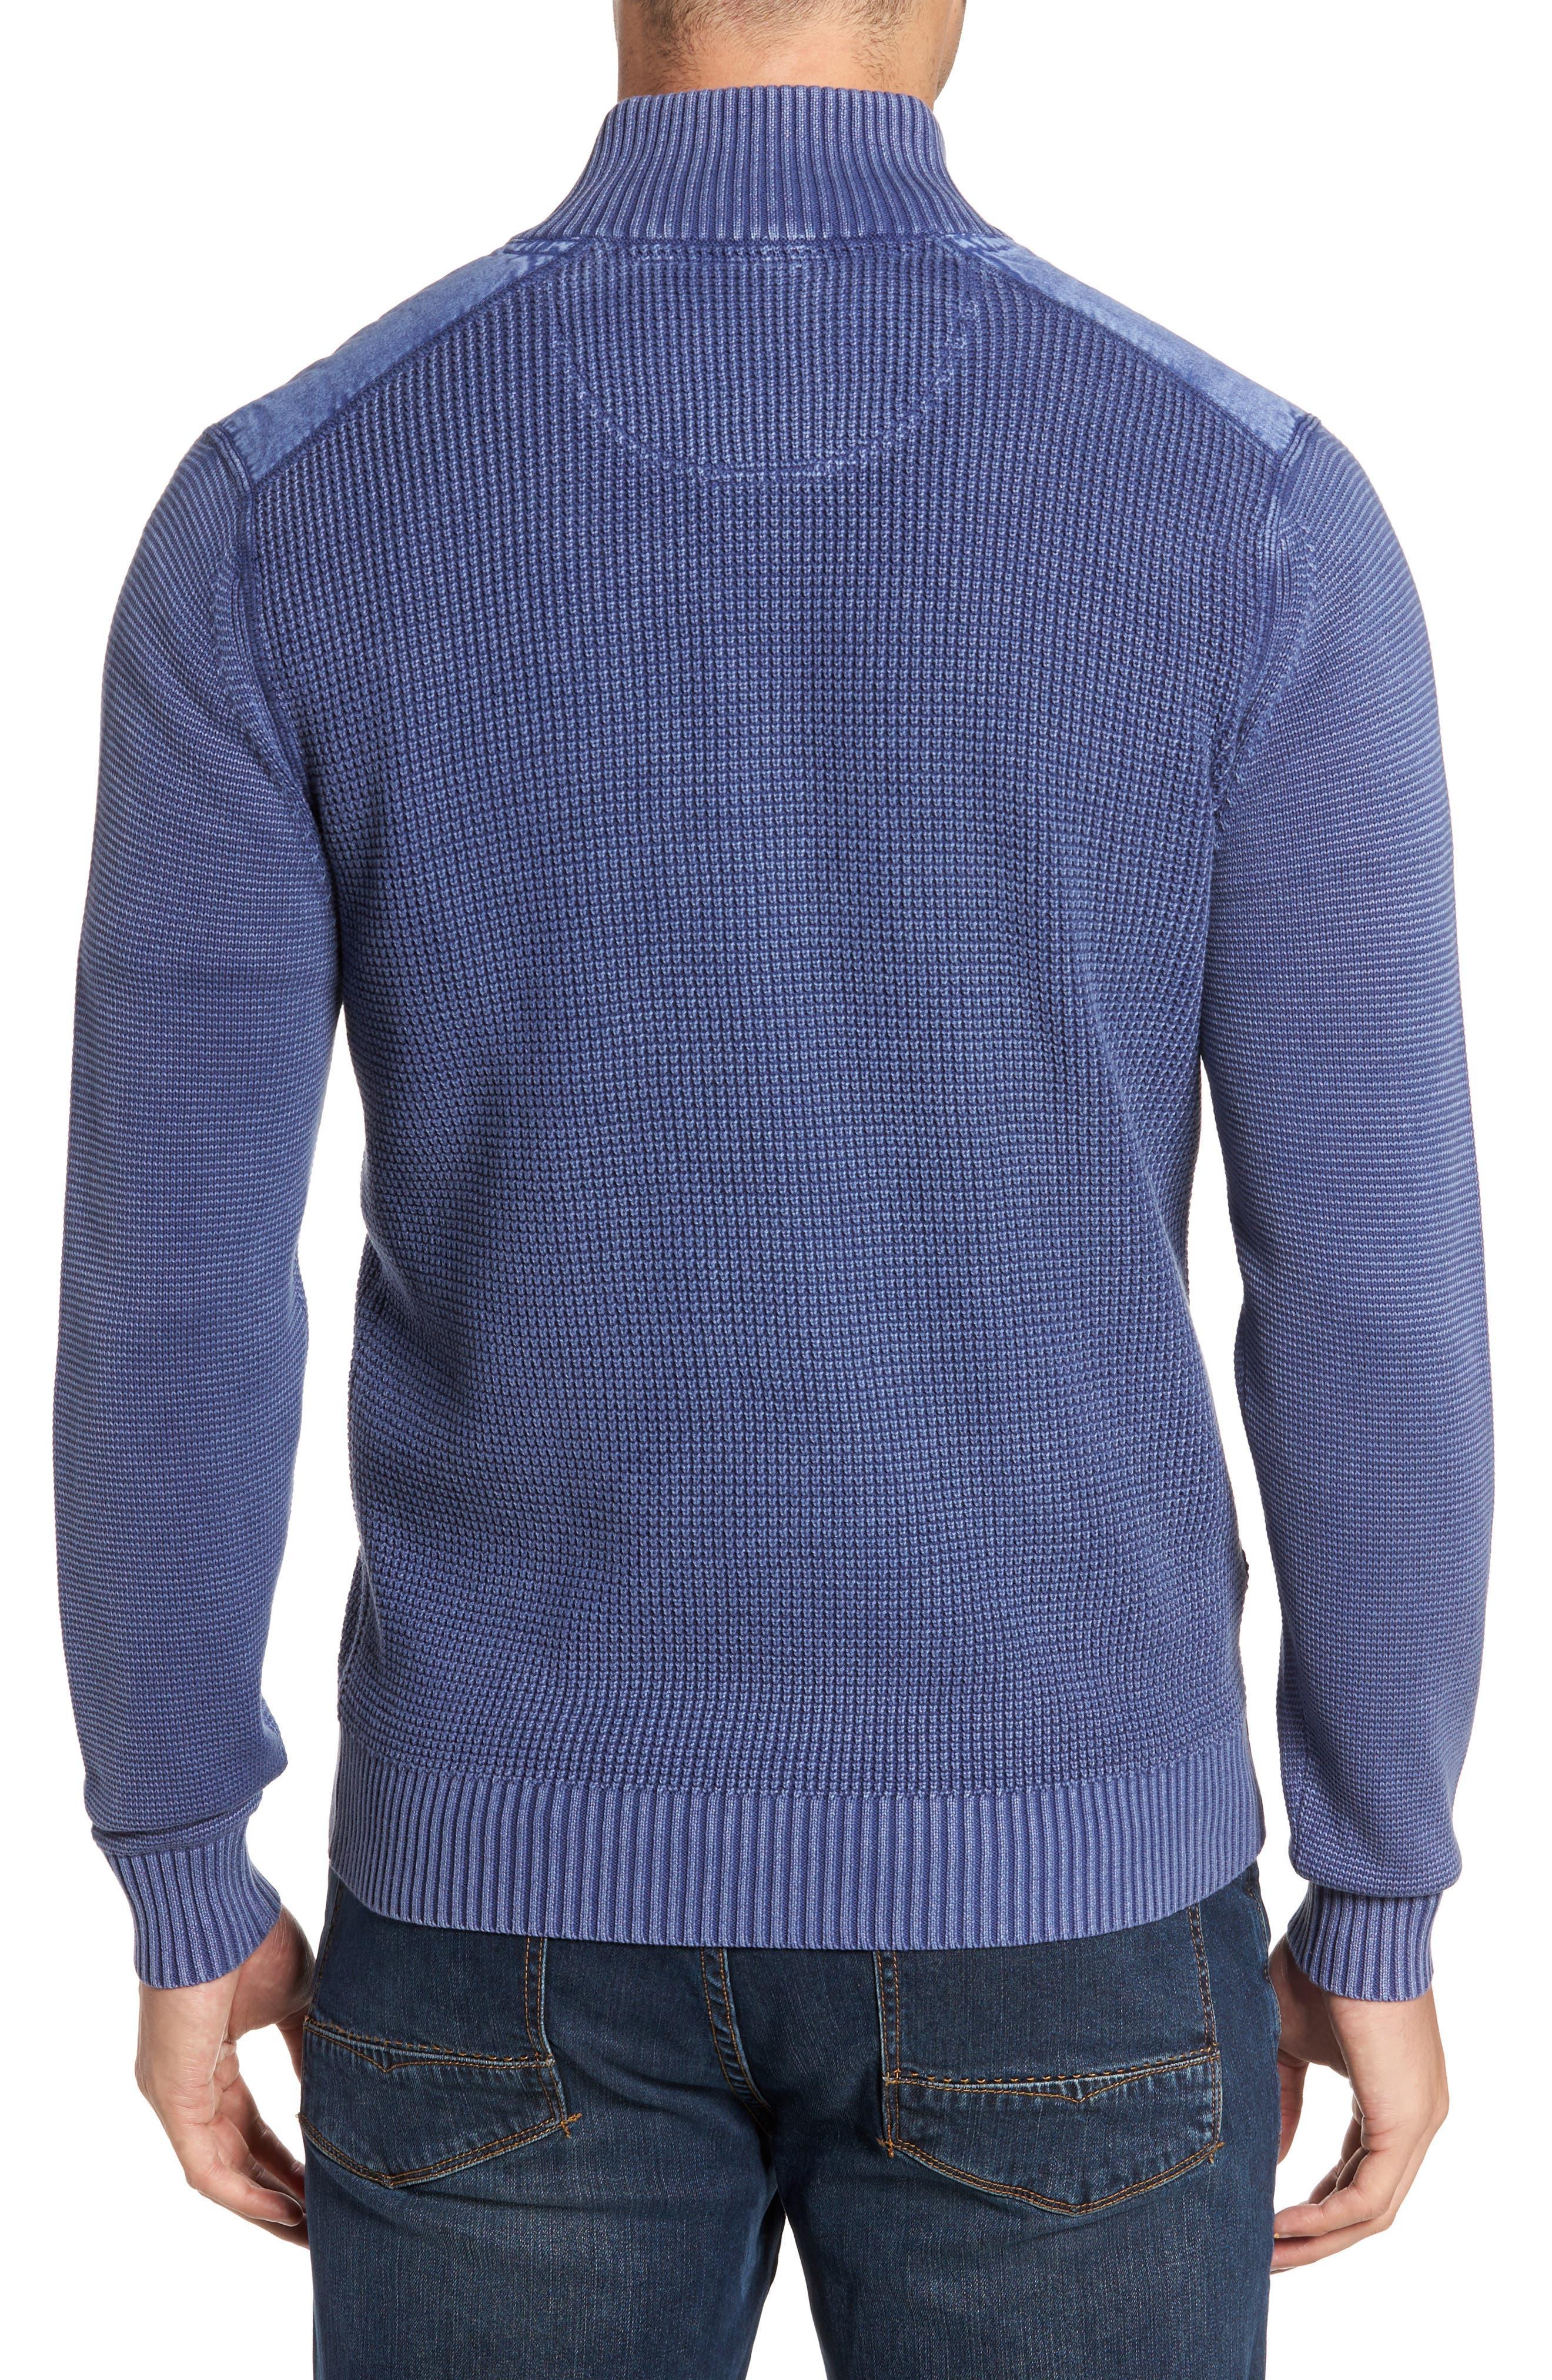 Coastal Shores Quarter Zip Sweater,                             Alternate thumbnail 2, color,                             Downpour